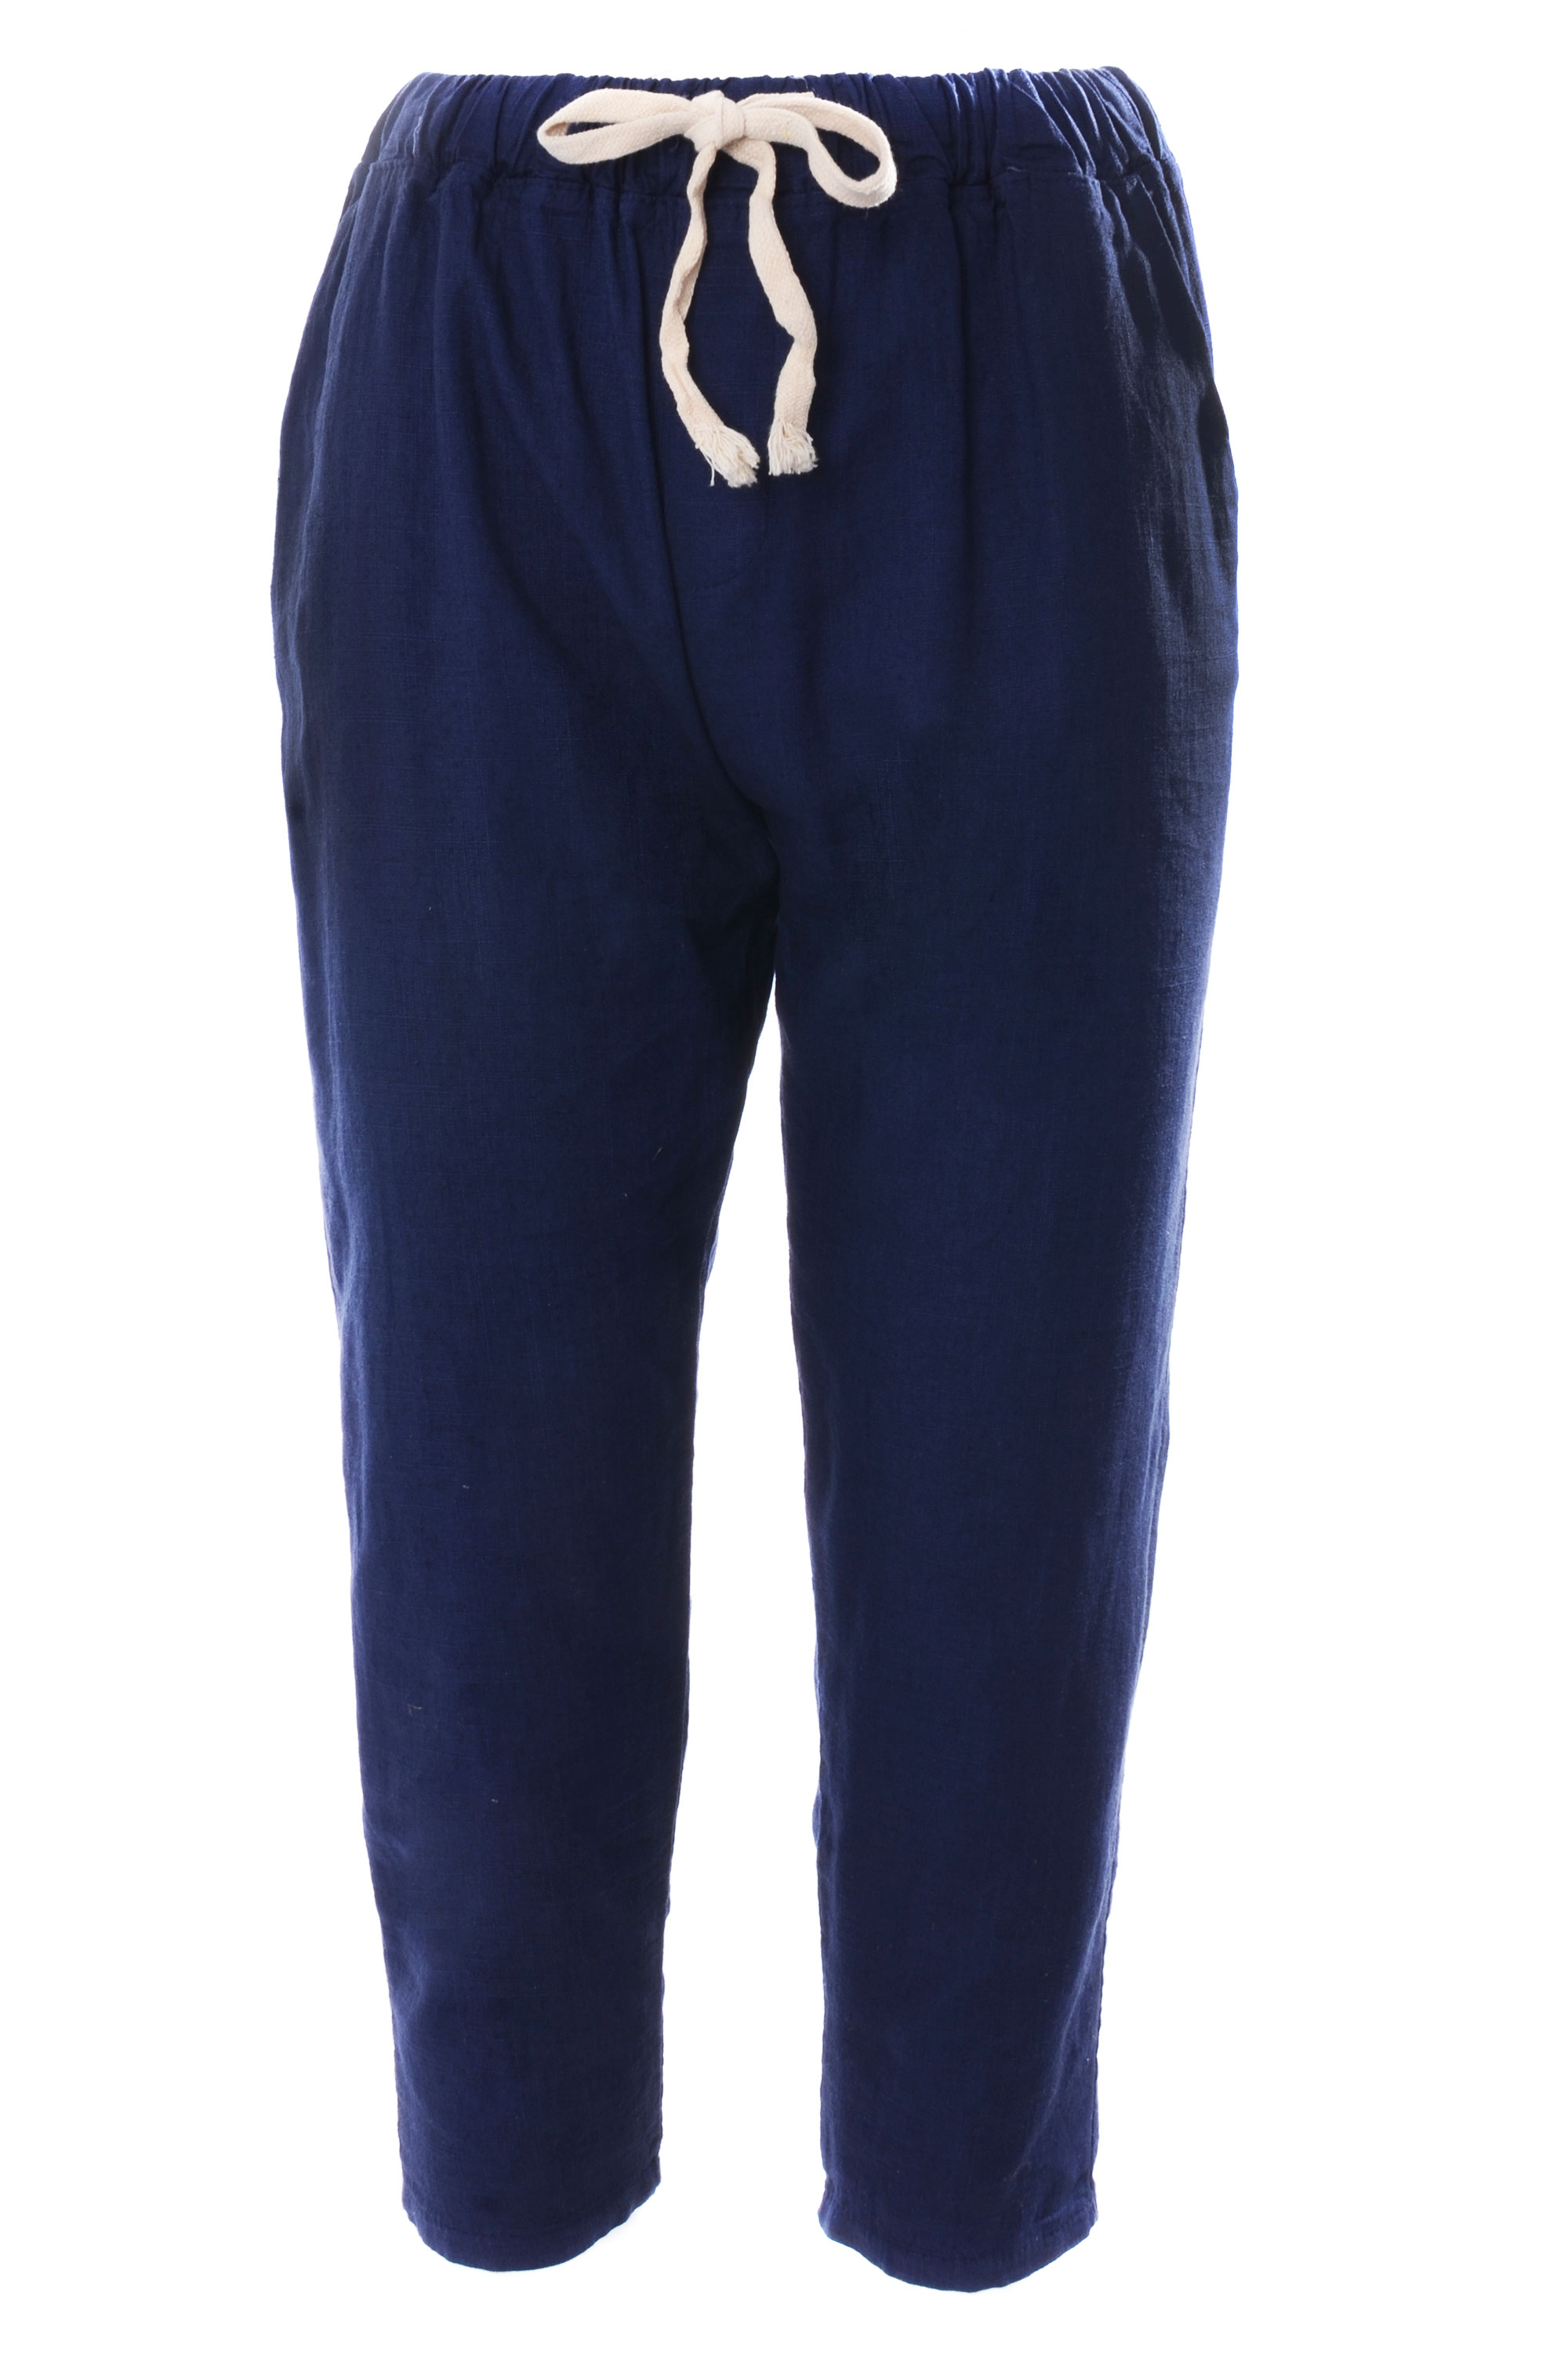 Spodnie - 118-805 BLU - Unisono